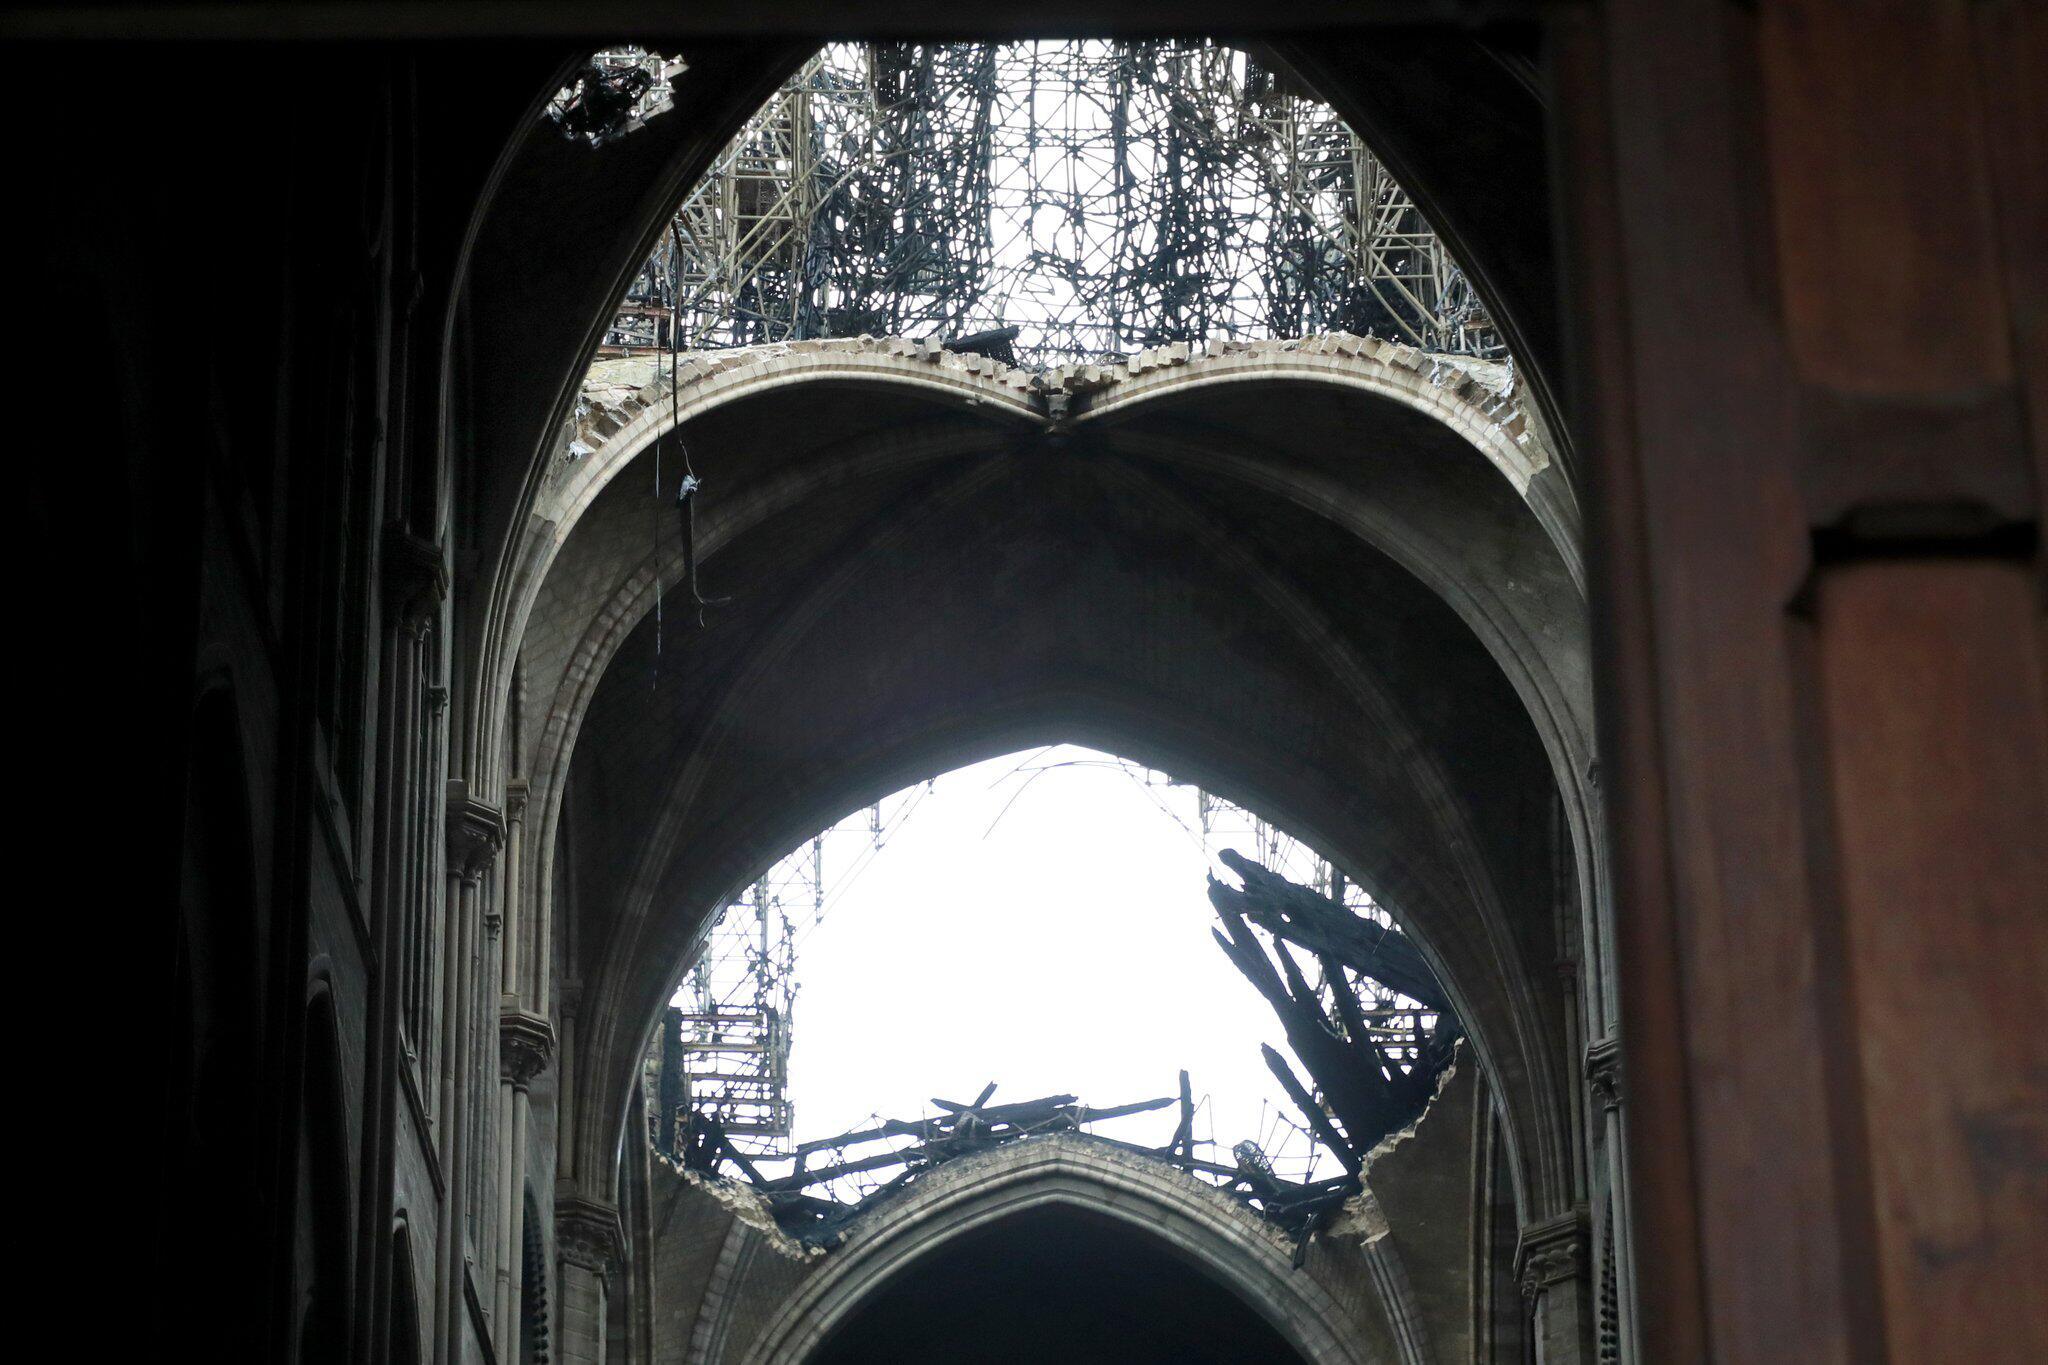 Bild zu Notre-Dame, Paris, Kathedrale, Feuer, Brand